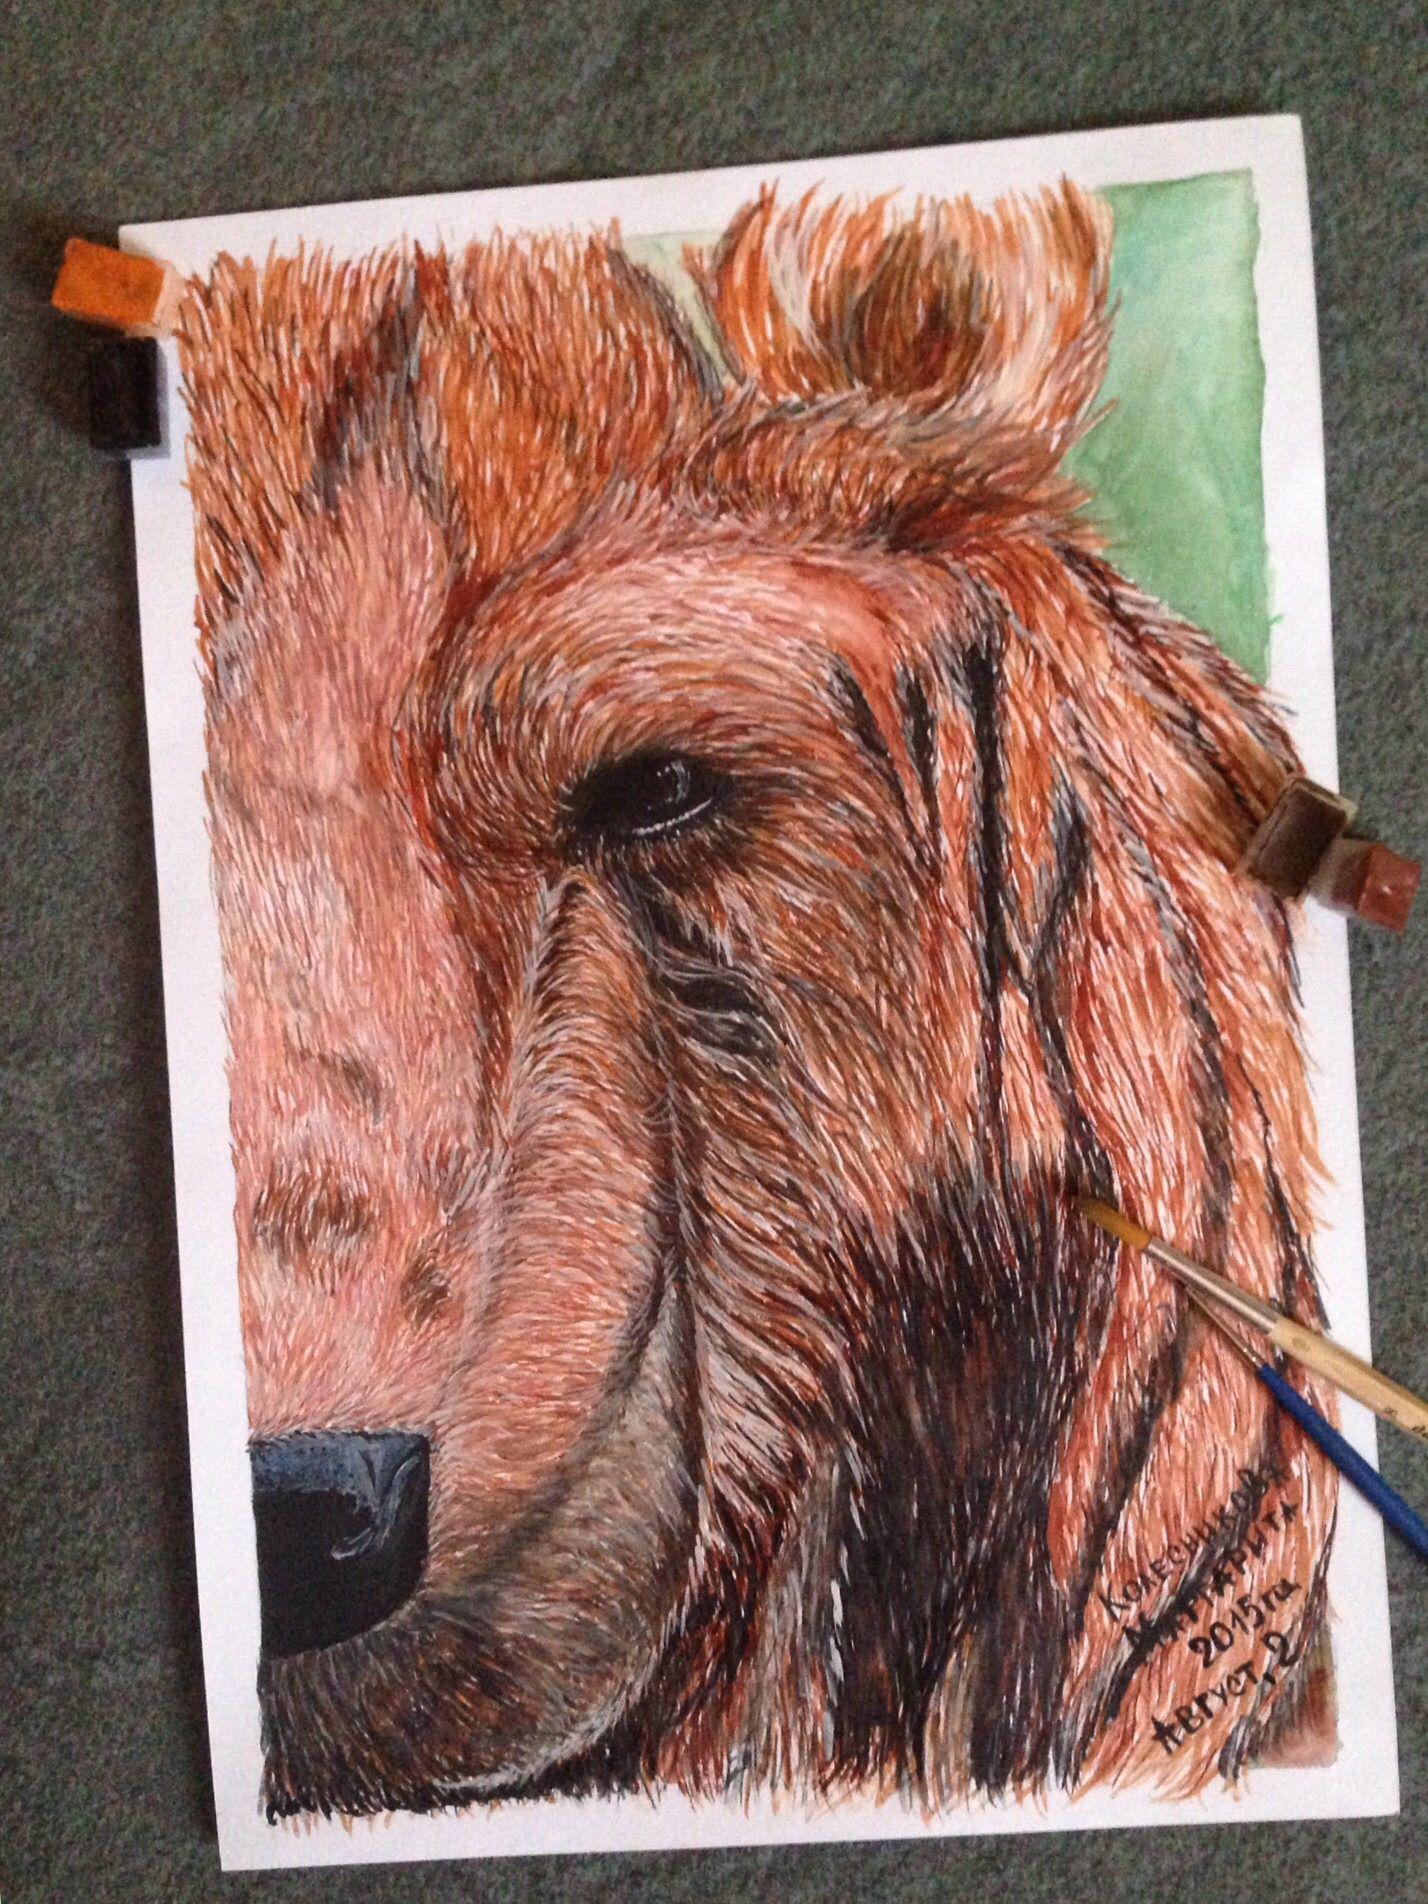 гостиная продаю картина декор стиль живопись дизайн интерьер продажа дача офис столовая медведь продам животные акварель искусство арт творчество дом